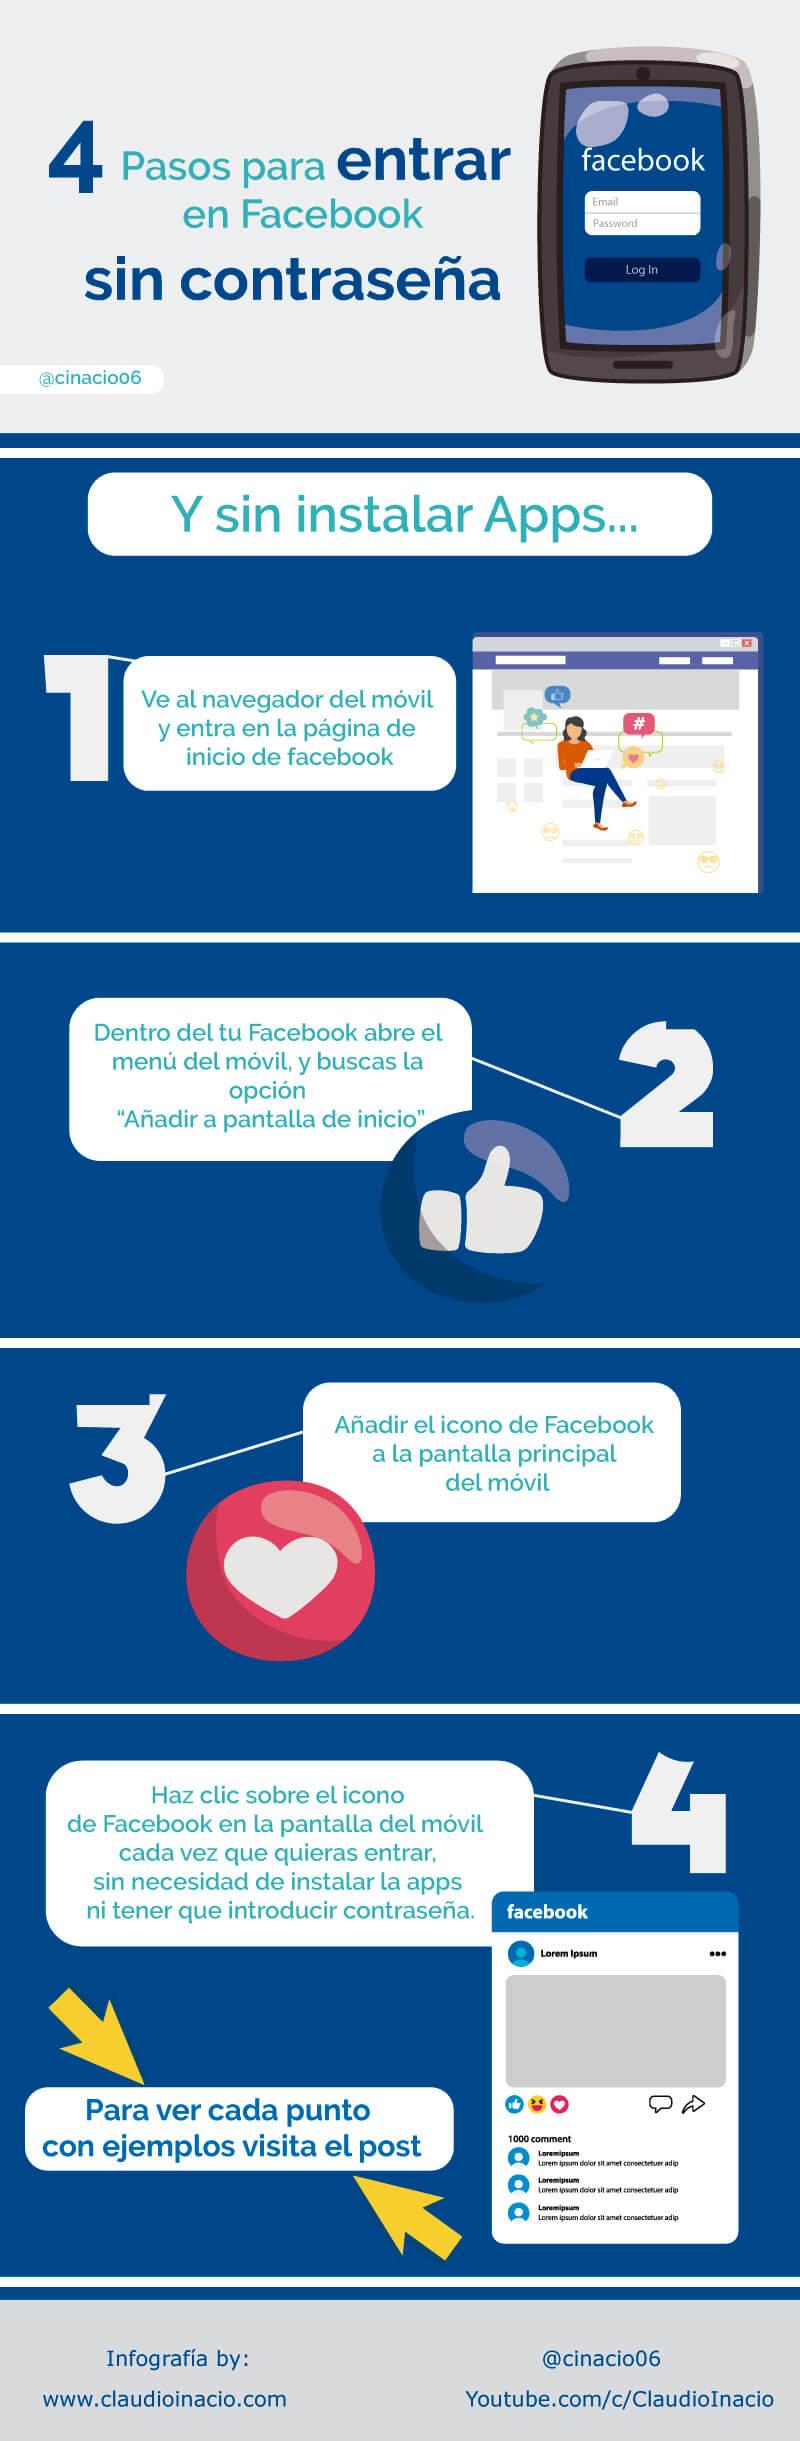 4 pasos para entrar en Facebook sin contraseña